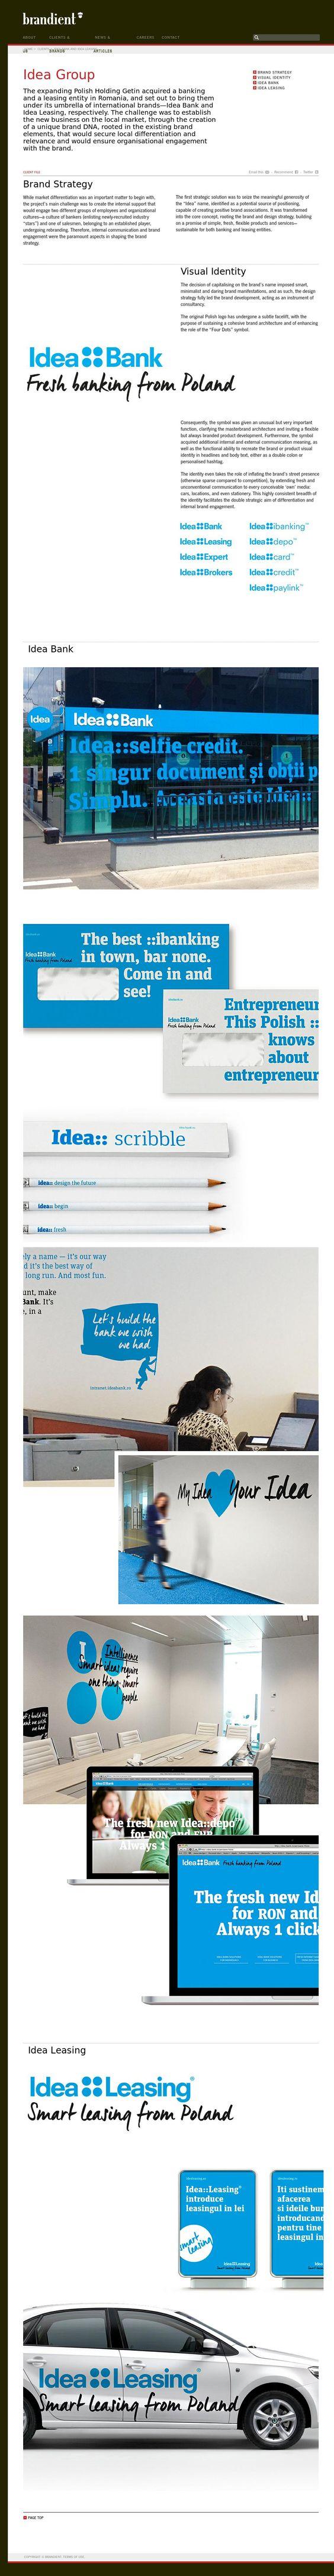 http://brandient.com/en/client/96/idea-bank-and-idea-leasing